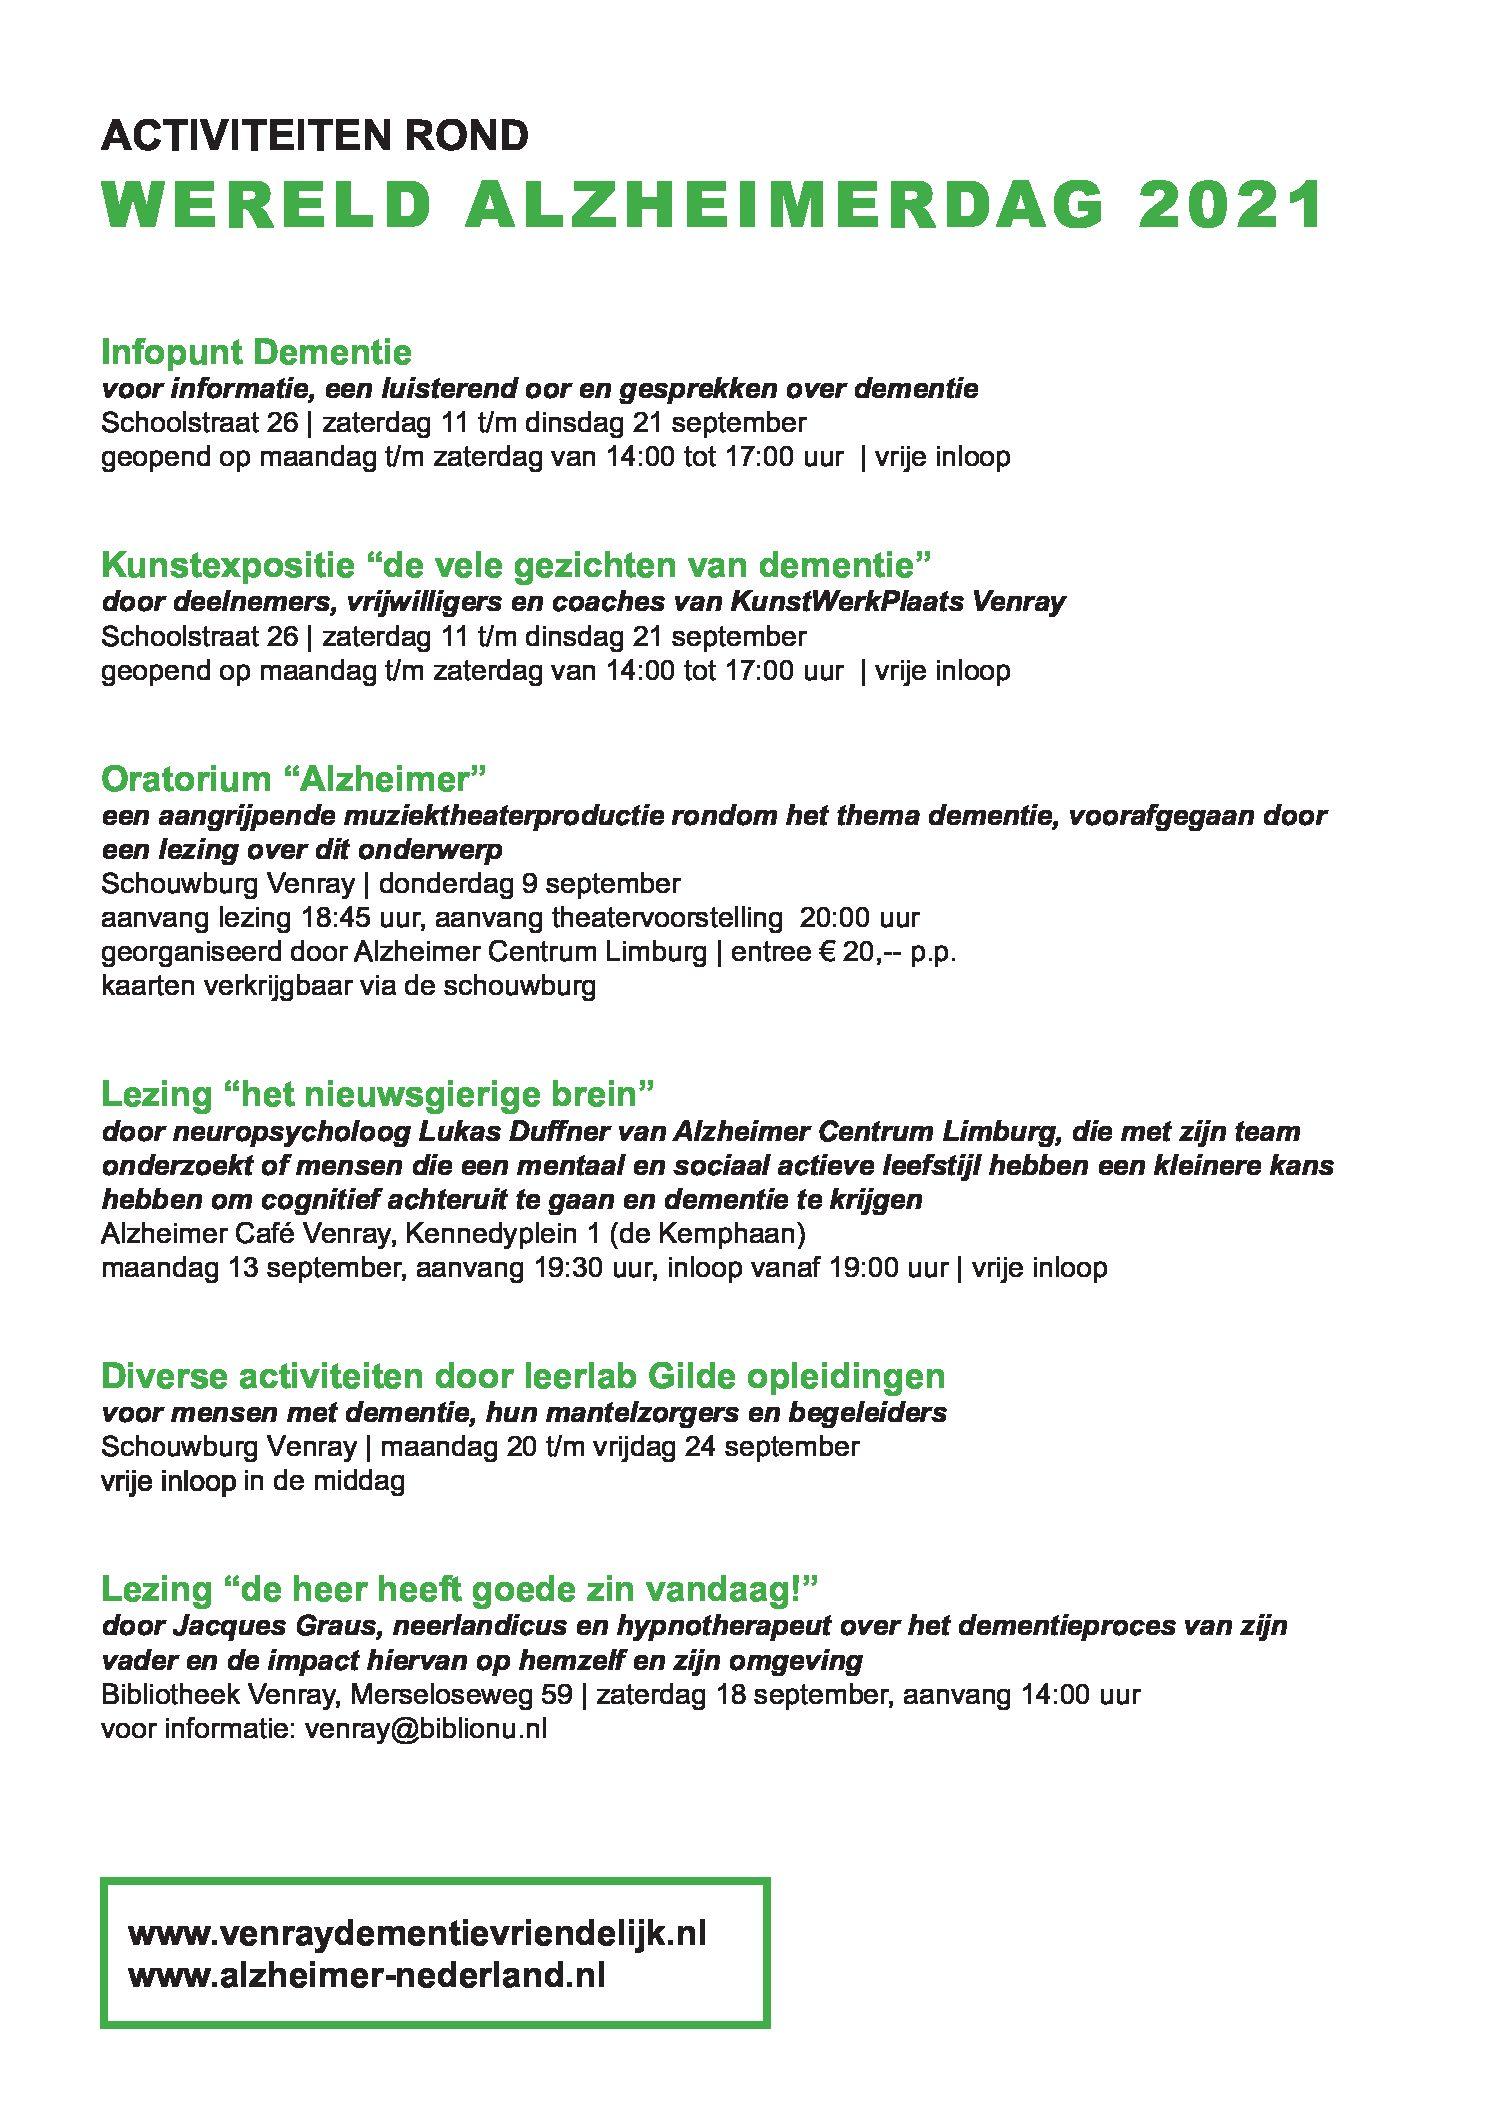 Programma rond Alzheimerdag in Venray